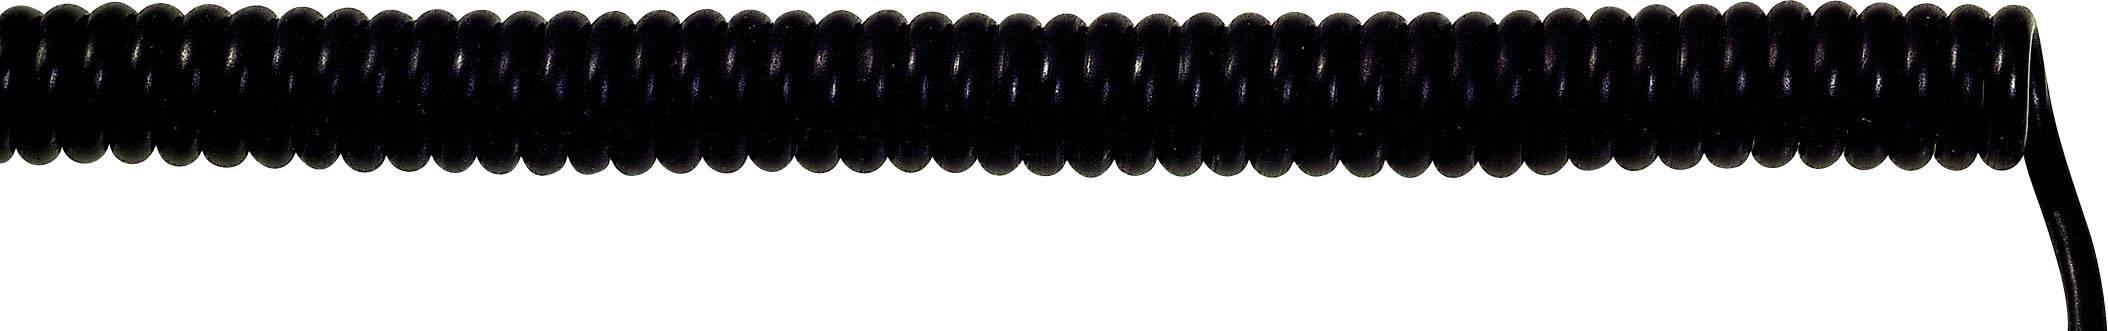 Špirálový kábel 73220221 UNITRONIC® SPIRAL 6 x 0.14 mm², 200 mm / 800 mm, čierna